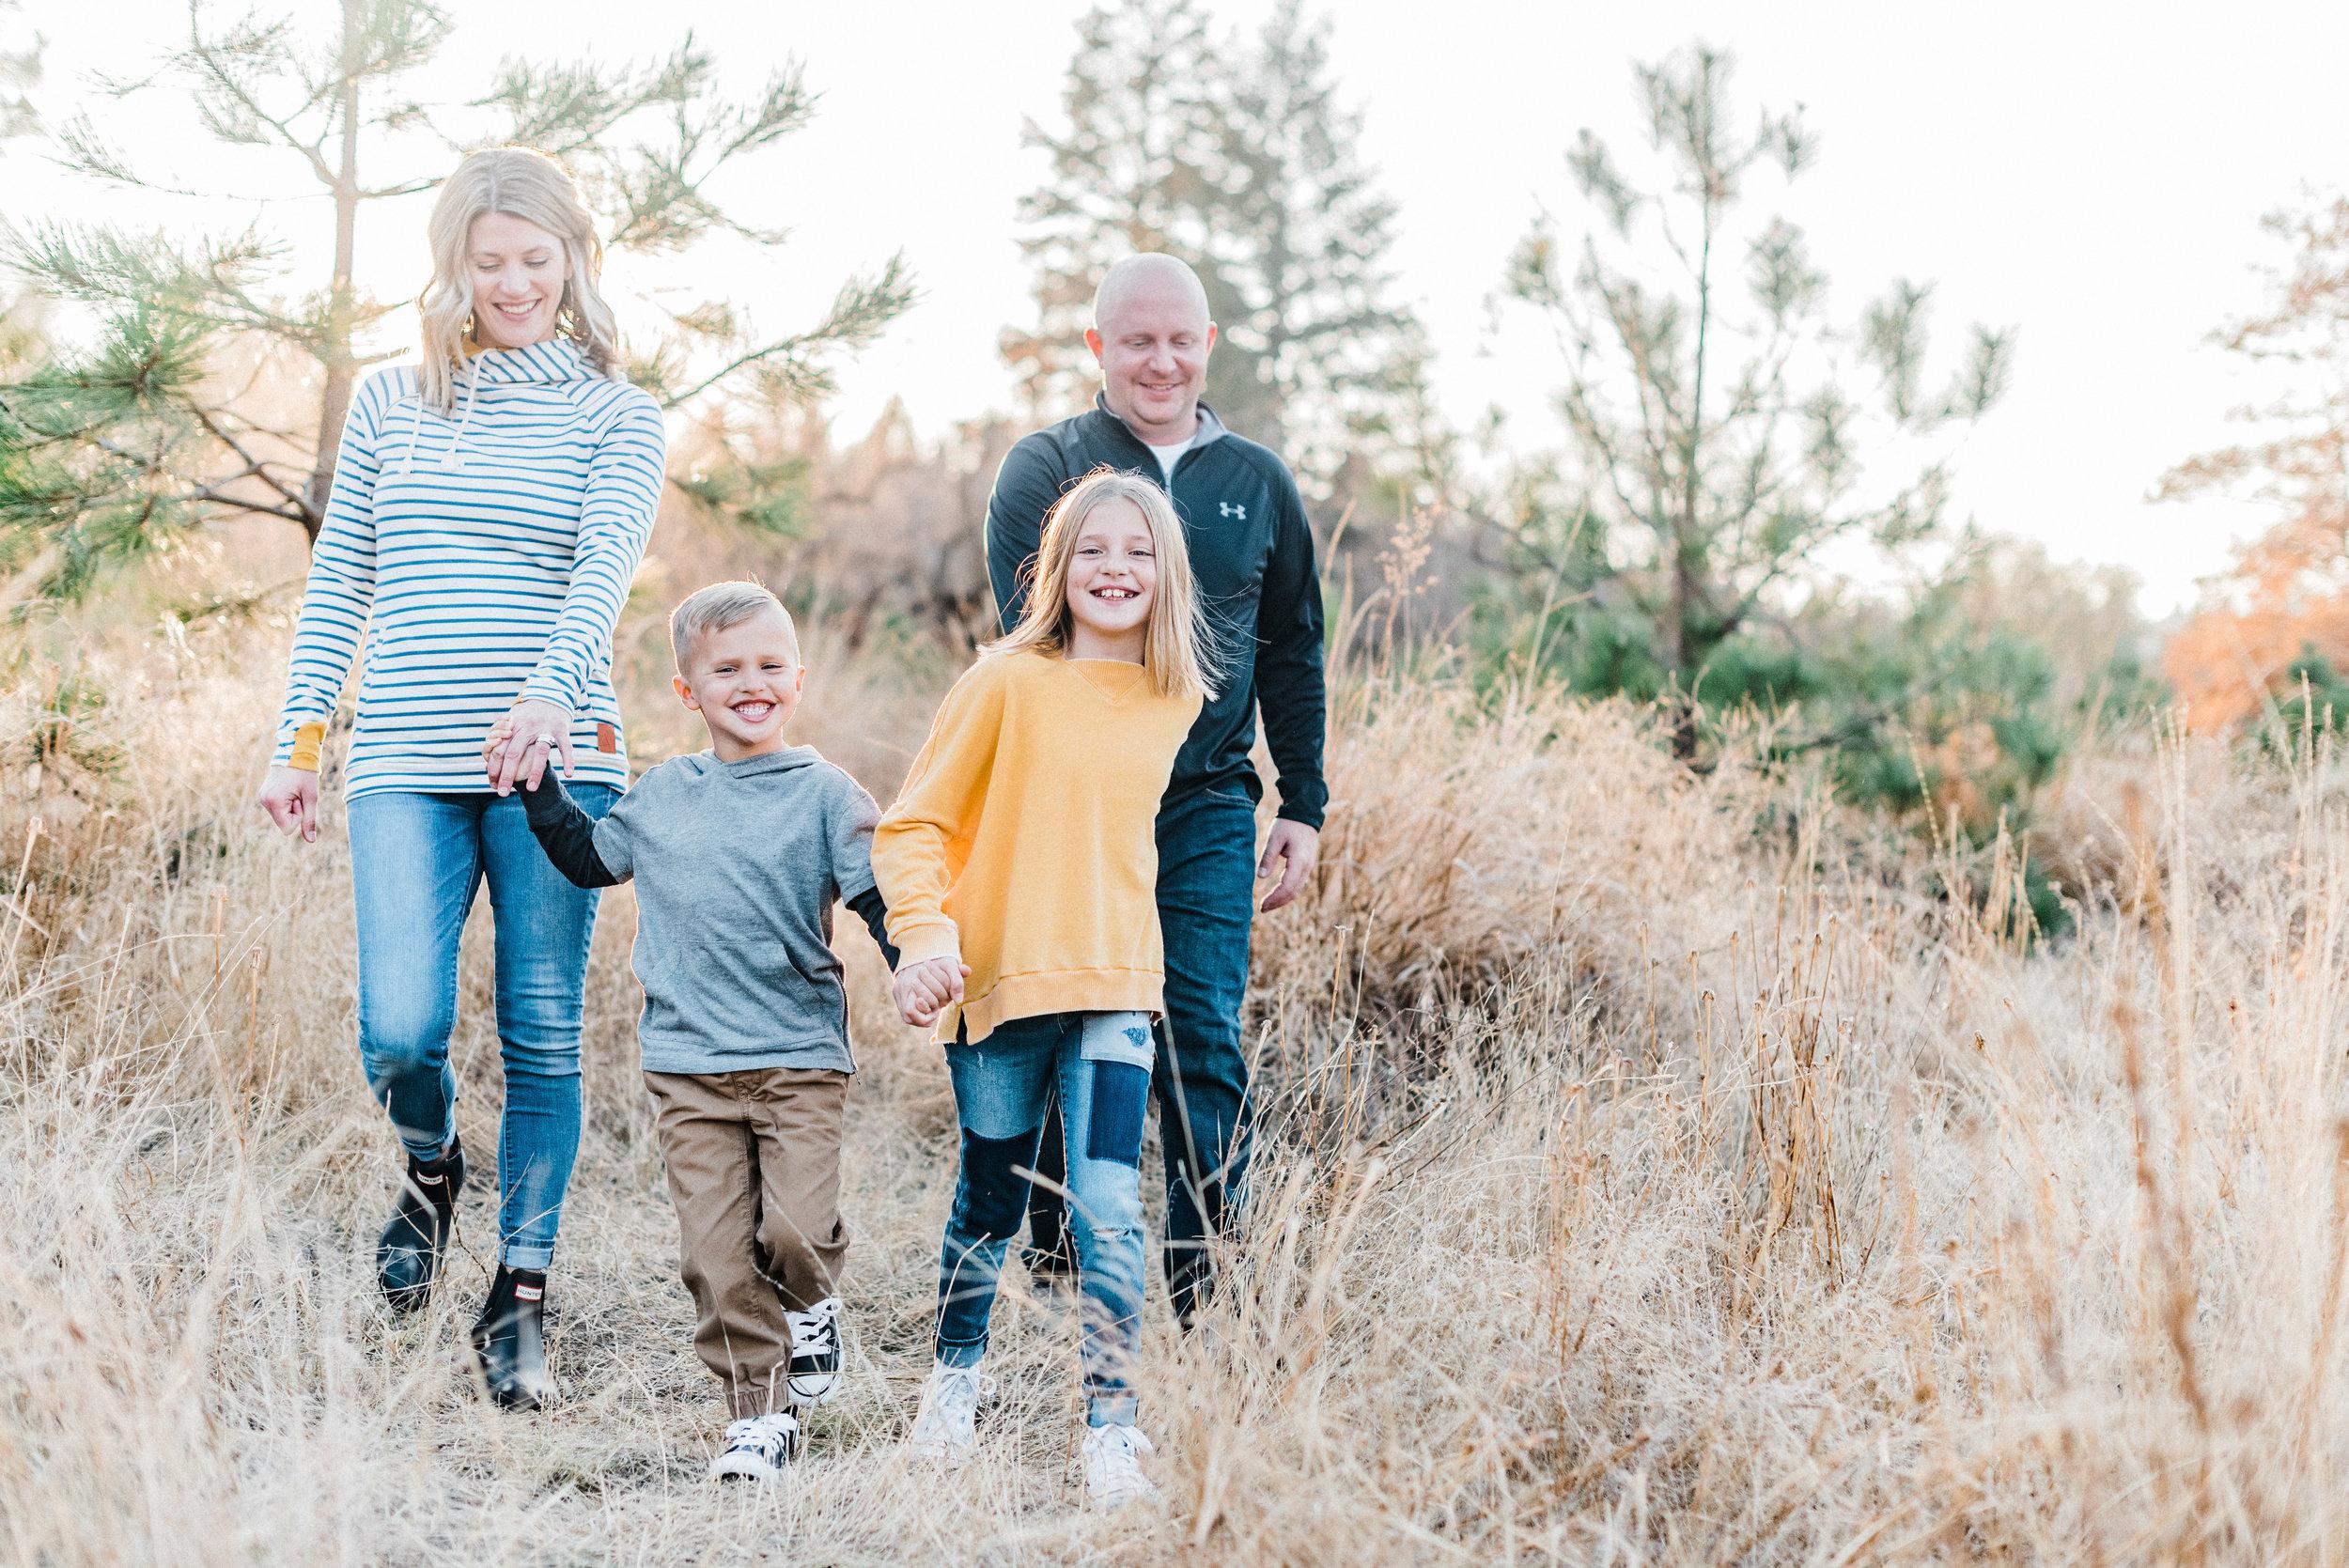 spokane-family-session-emch (15 of 26).jpg